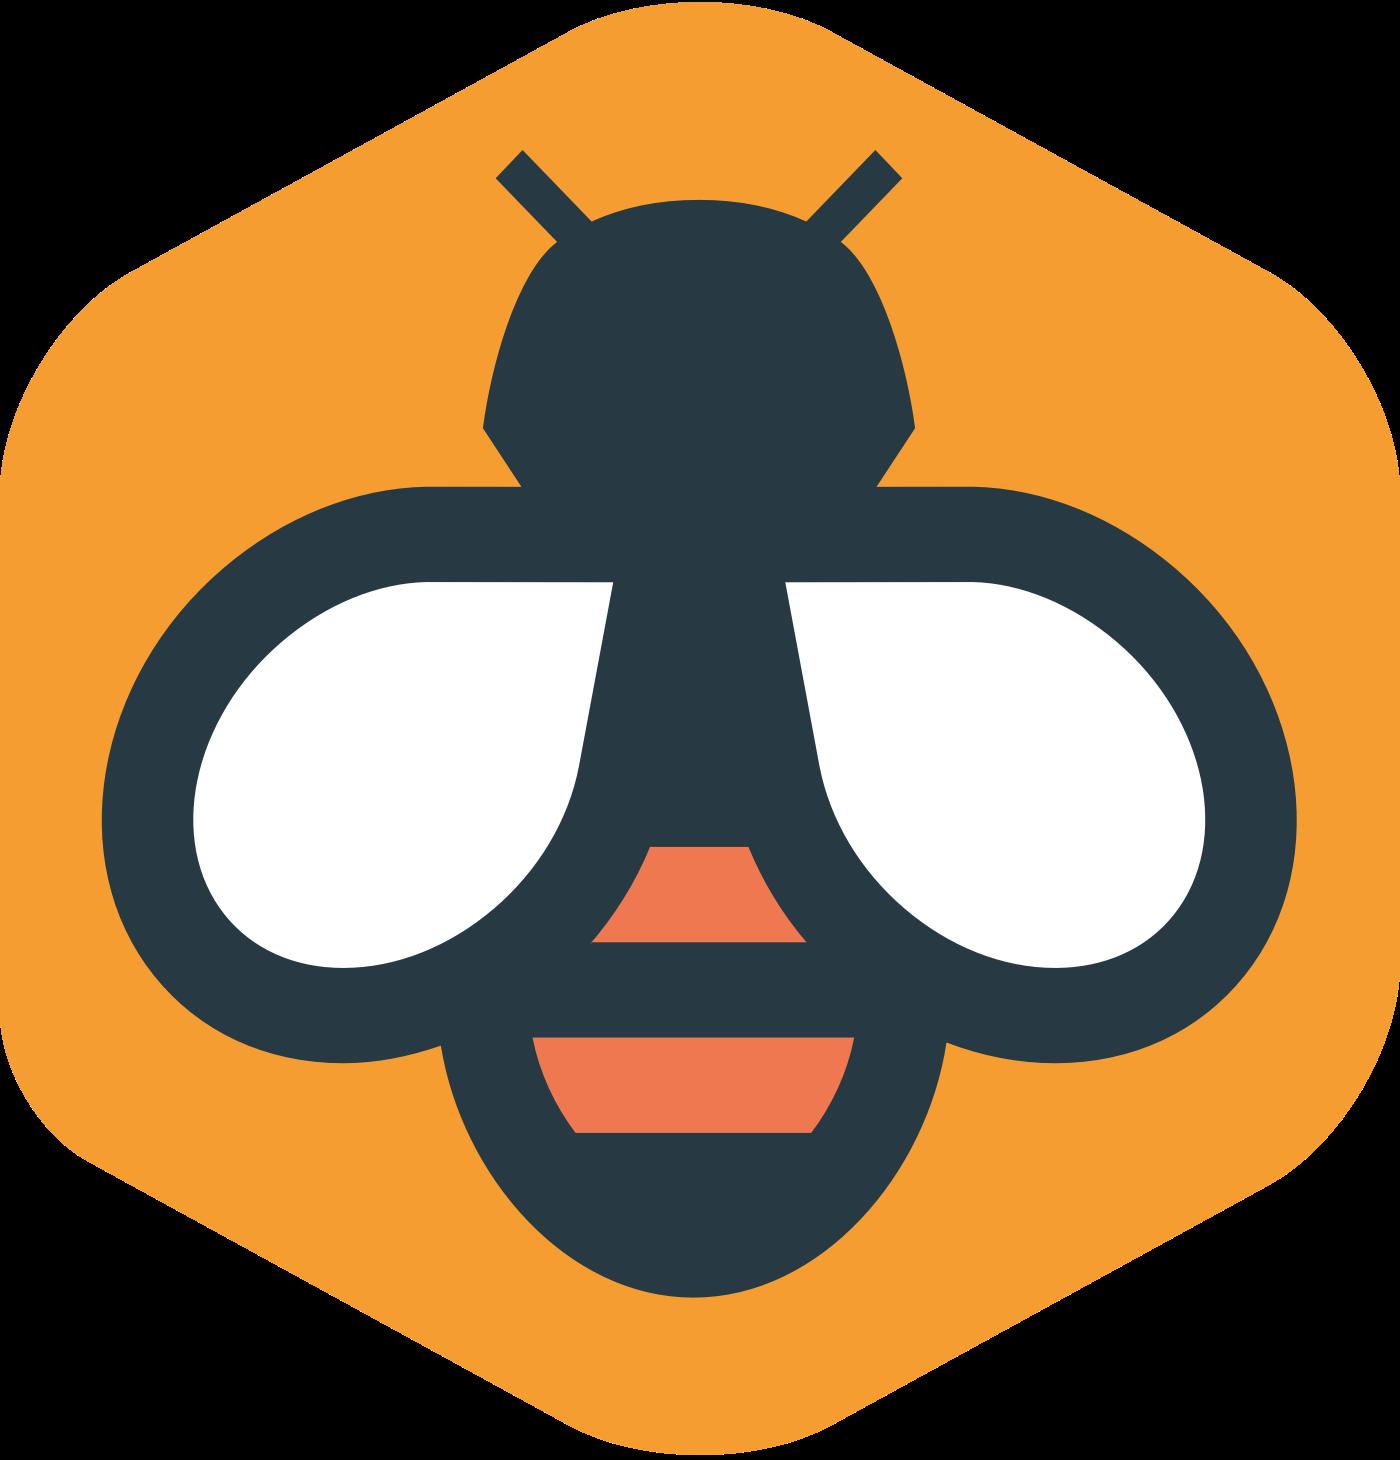 Beelinguapp logo